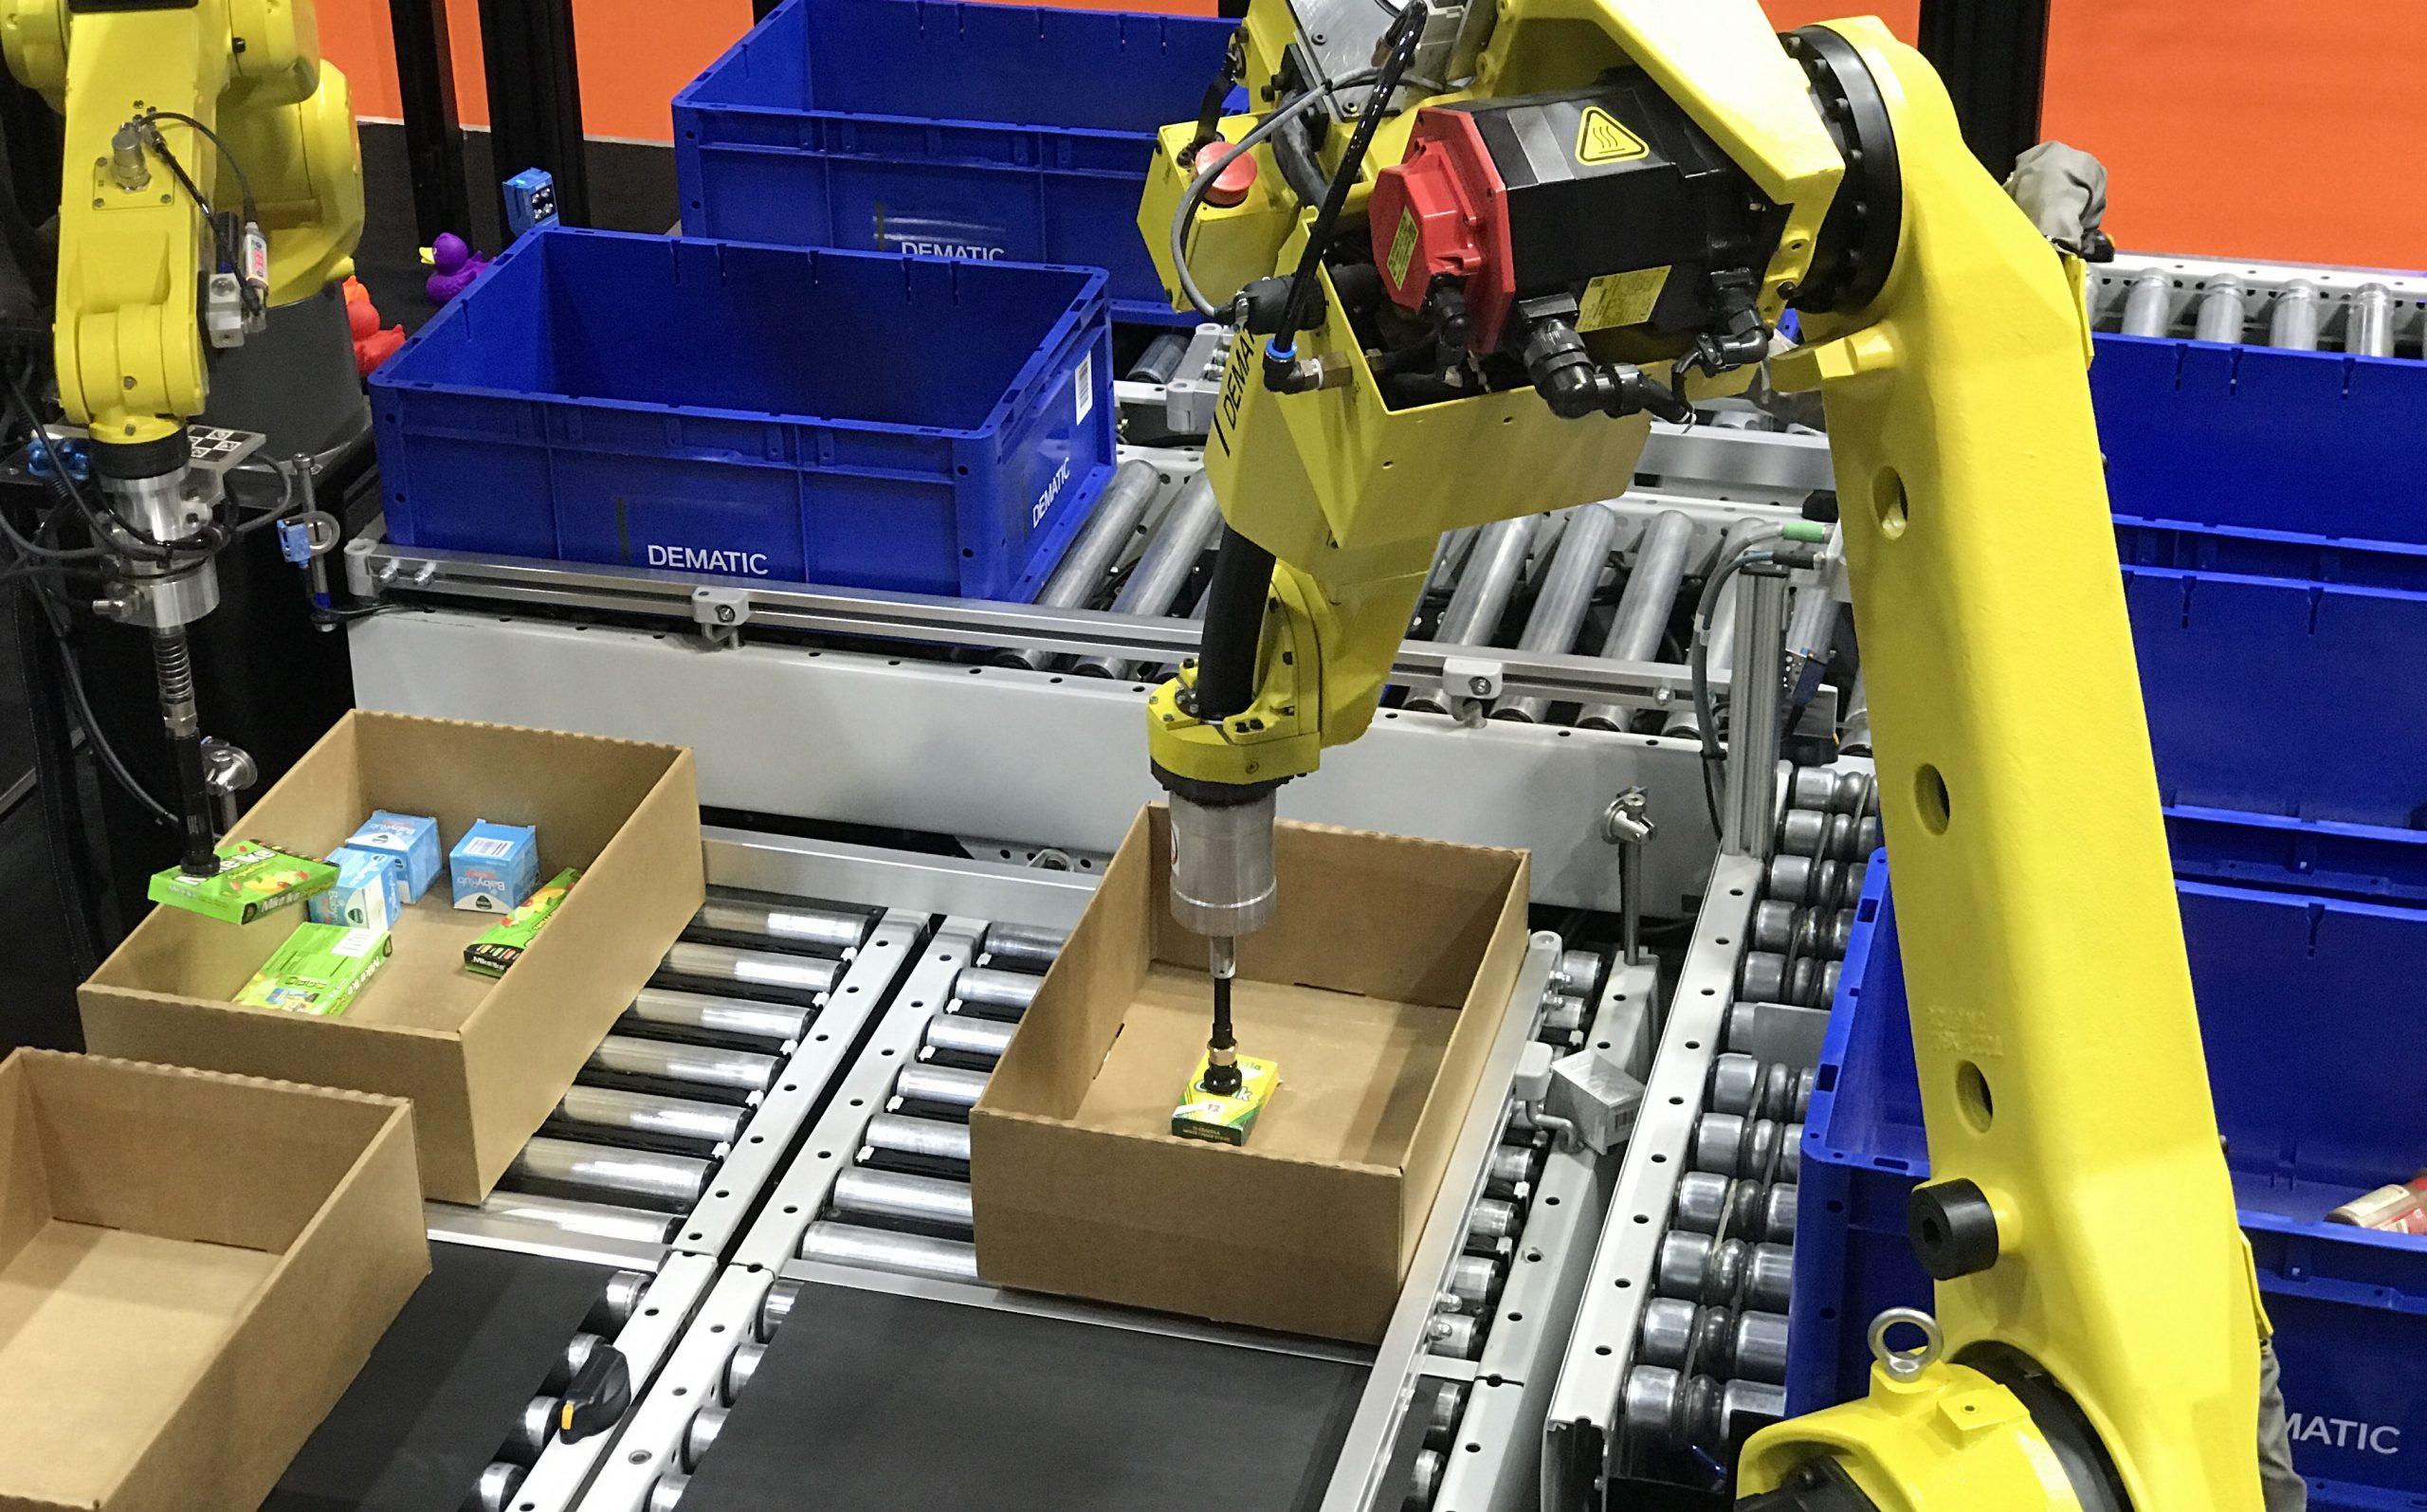 パンデミックで需要急増、AI搭載の新倉庫ロボの導入が加速